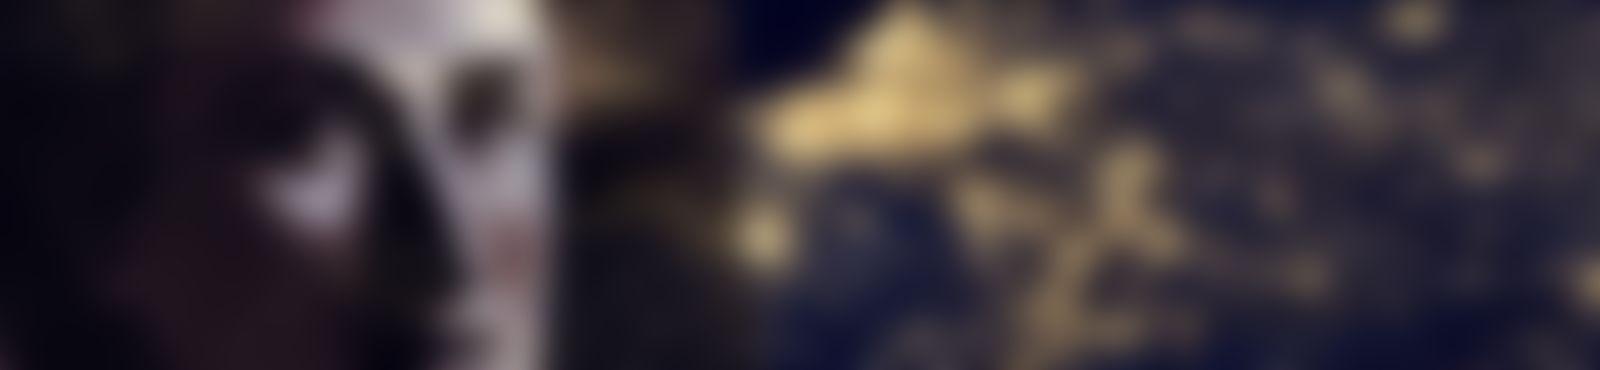 Blurred 4e3a249e 9633 436d b9b7 b623a0cd4e37